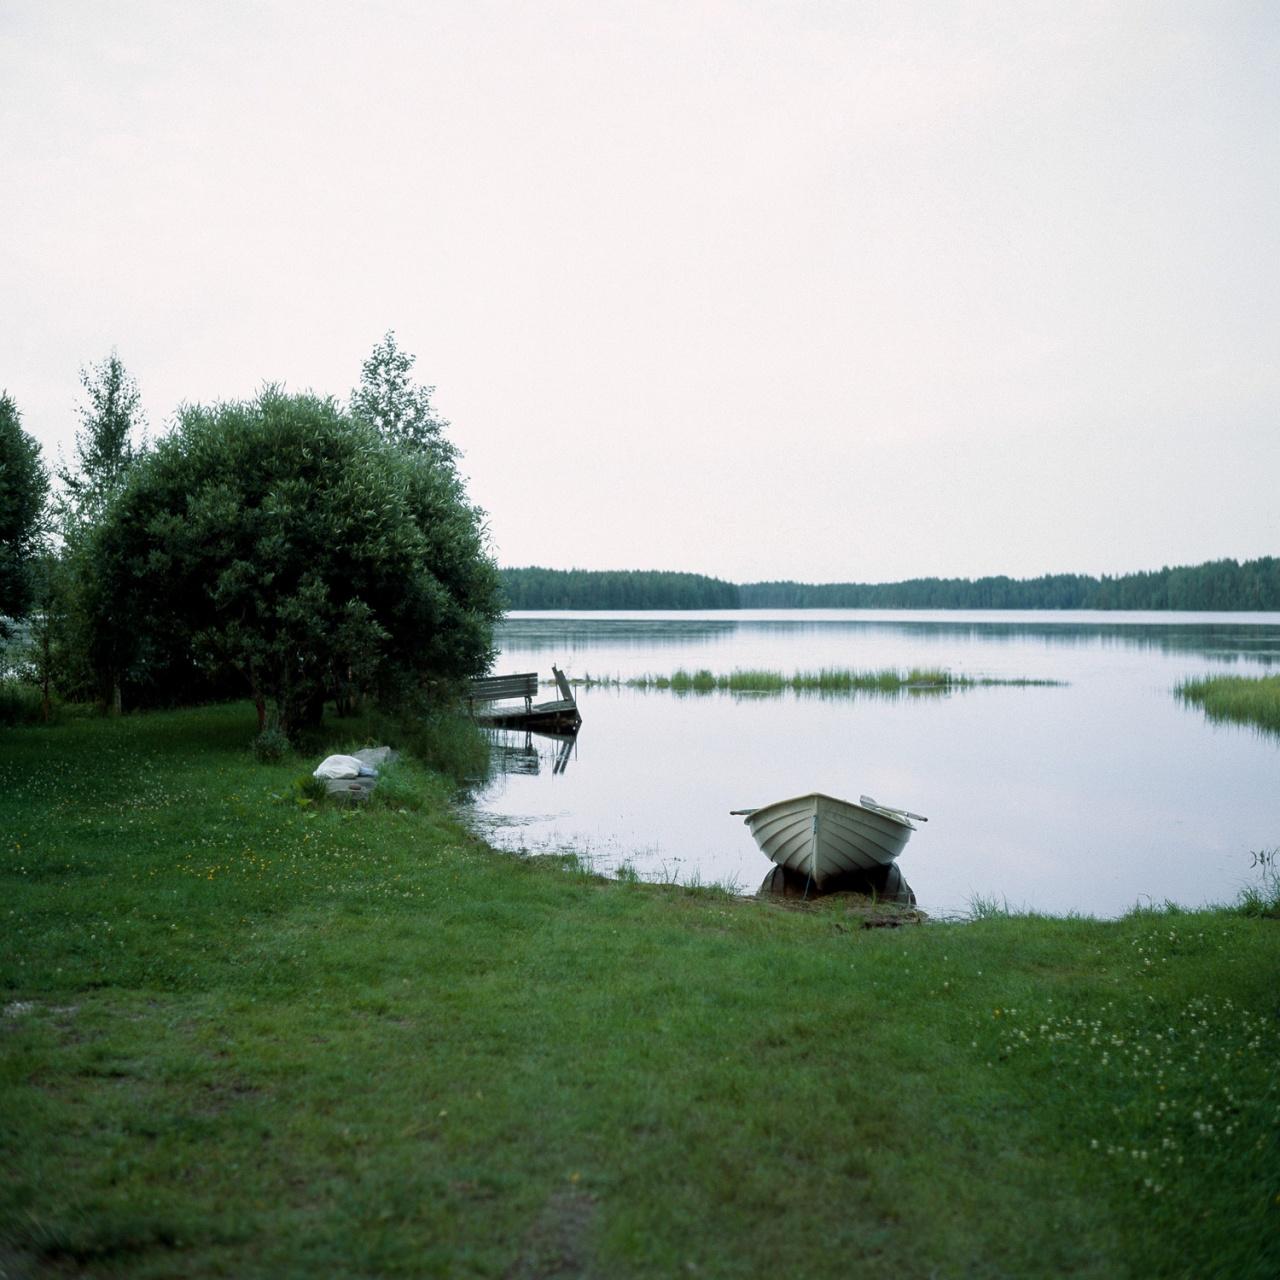 Niinimaa, personal work